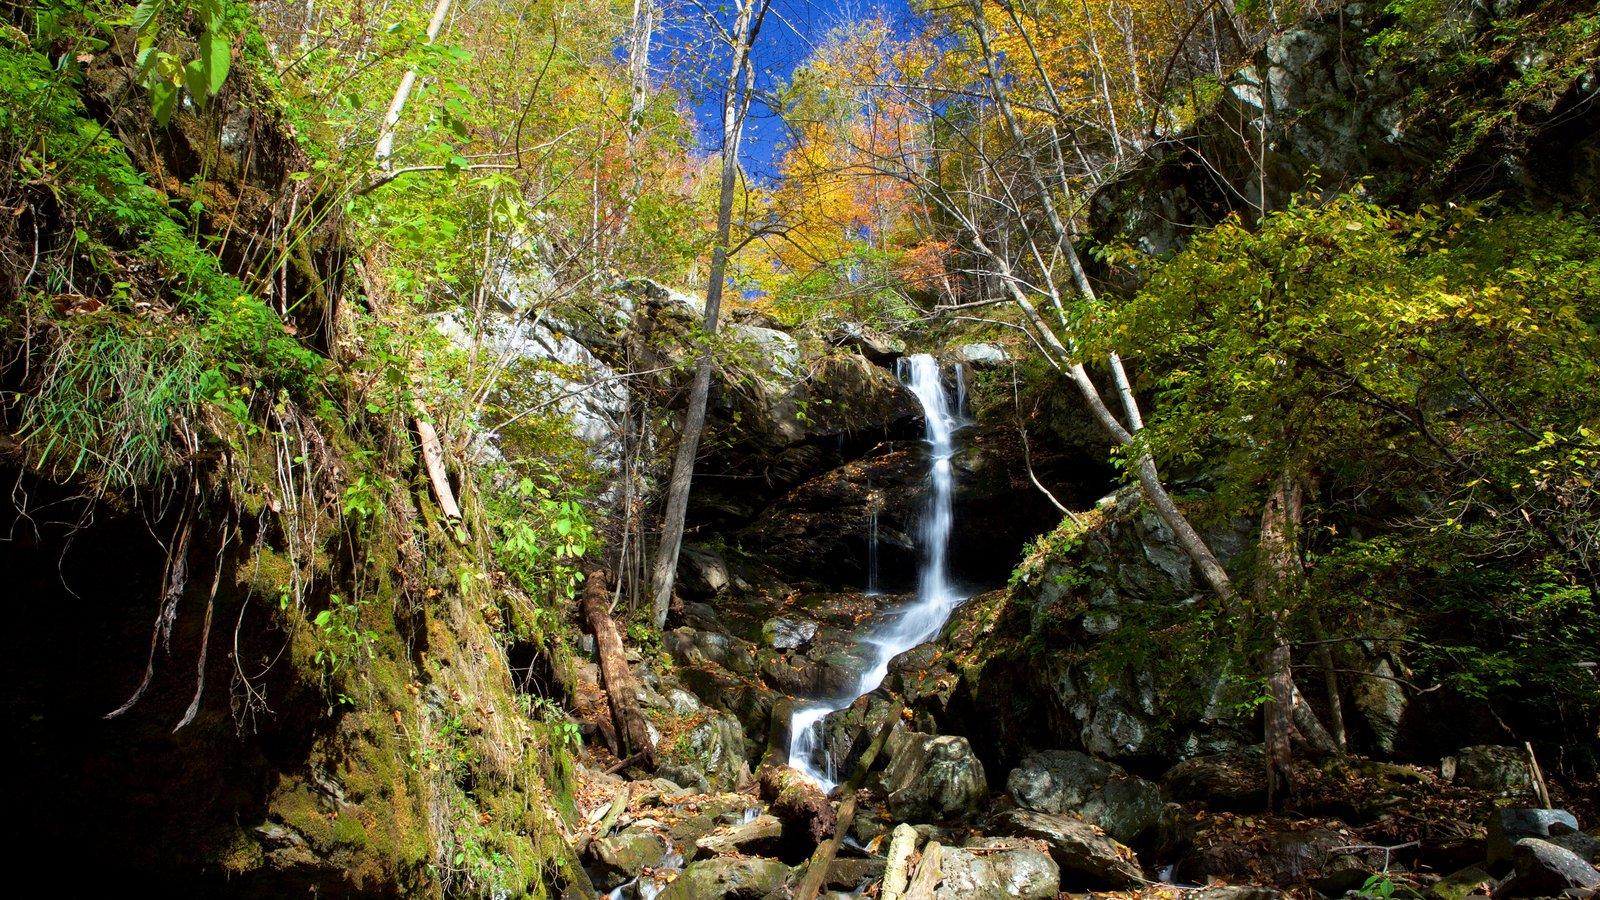 Parque Nacional Shenandoah ofreciendo una cascada, montañas y escenas forestales